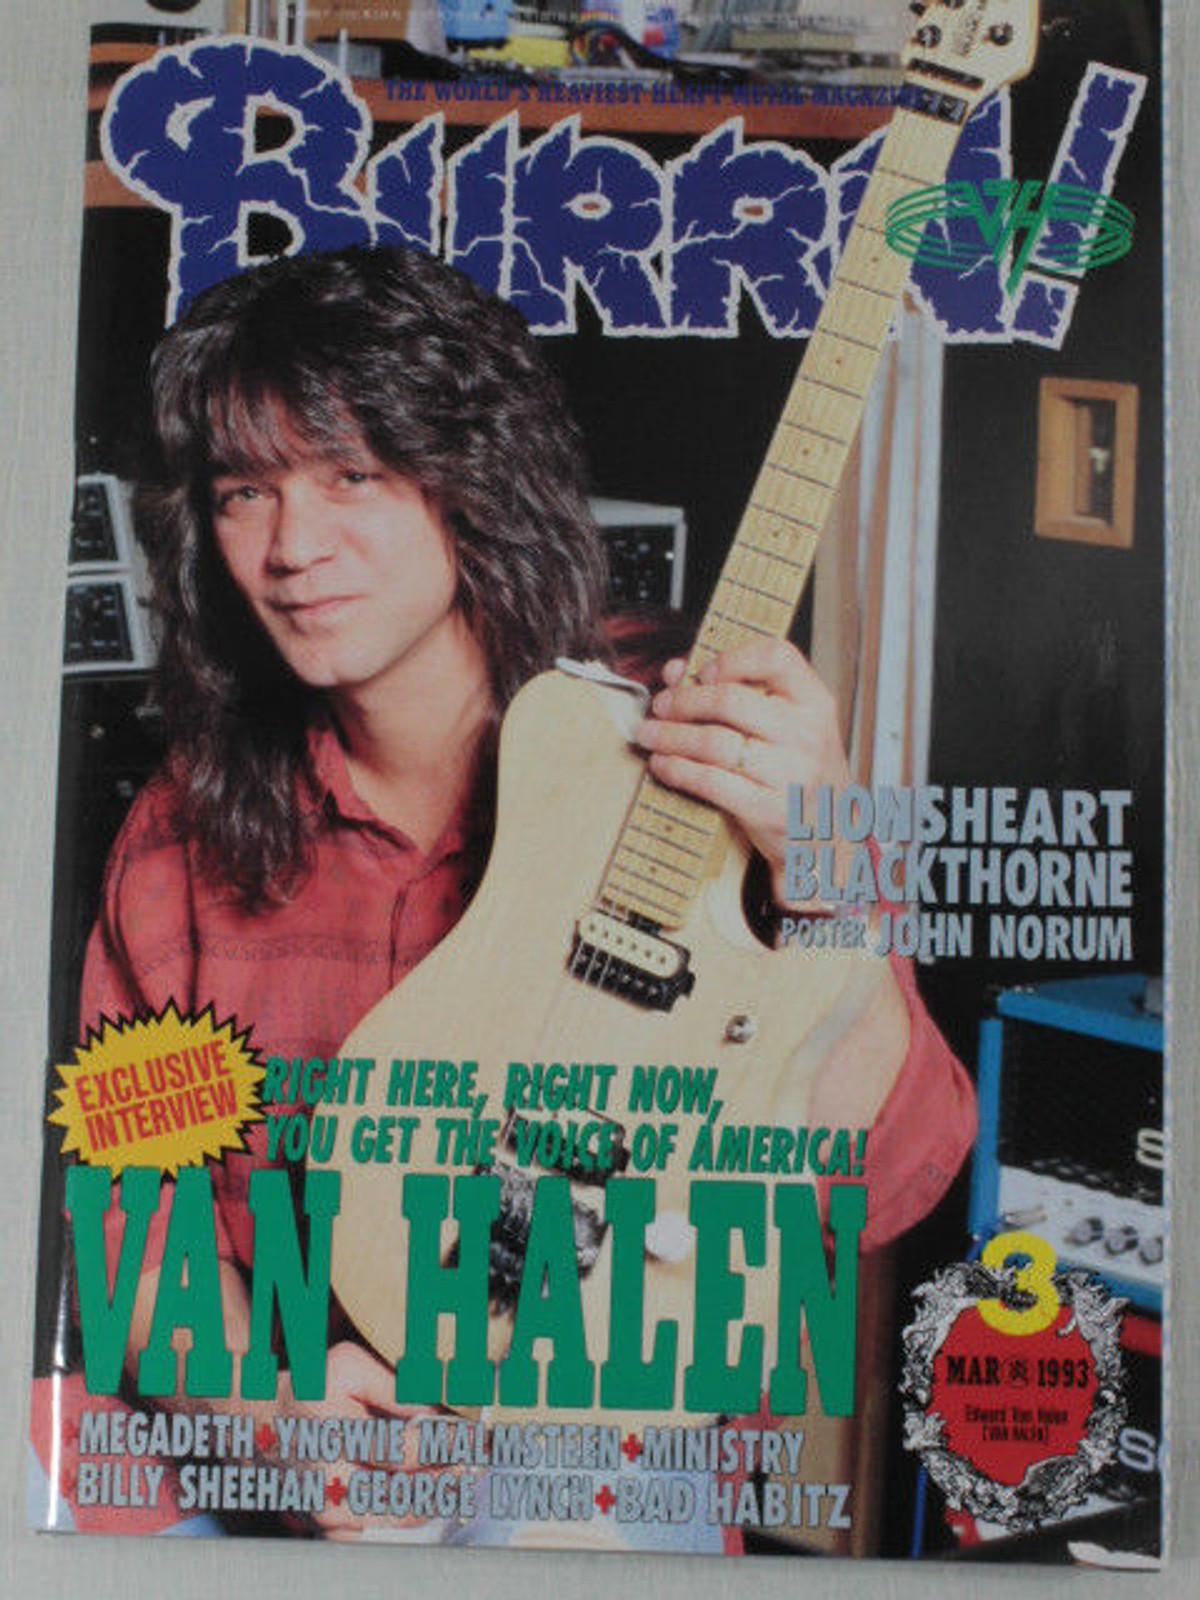 1993/03 BURRN! Japan Rock Magazine VAN HALEN/VINCE NEIL/LIONS HEART/YNGWIE